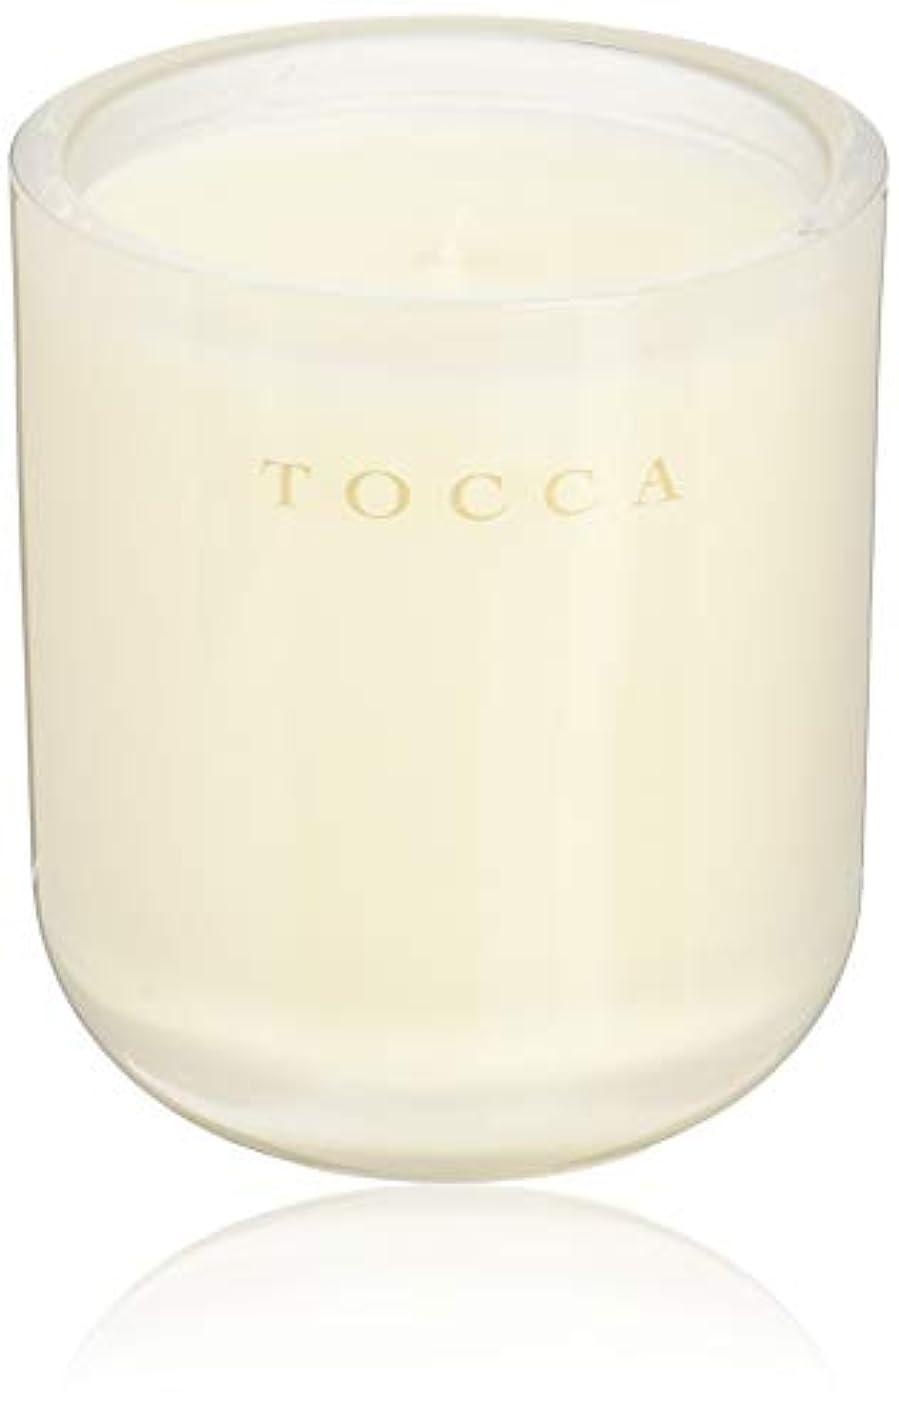 市区町村トースト悲観主義者TOCCA(トッカ) ボヤージュ キャンドル ボラボラ 287g (ろうそく 芳香 バニラとジャスミンの甘く柔らかな香り)